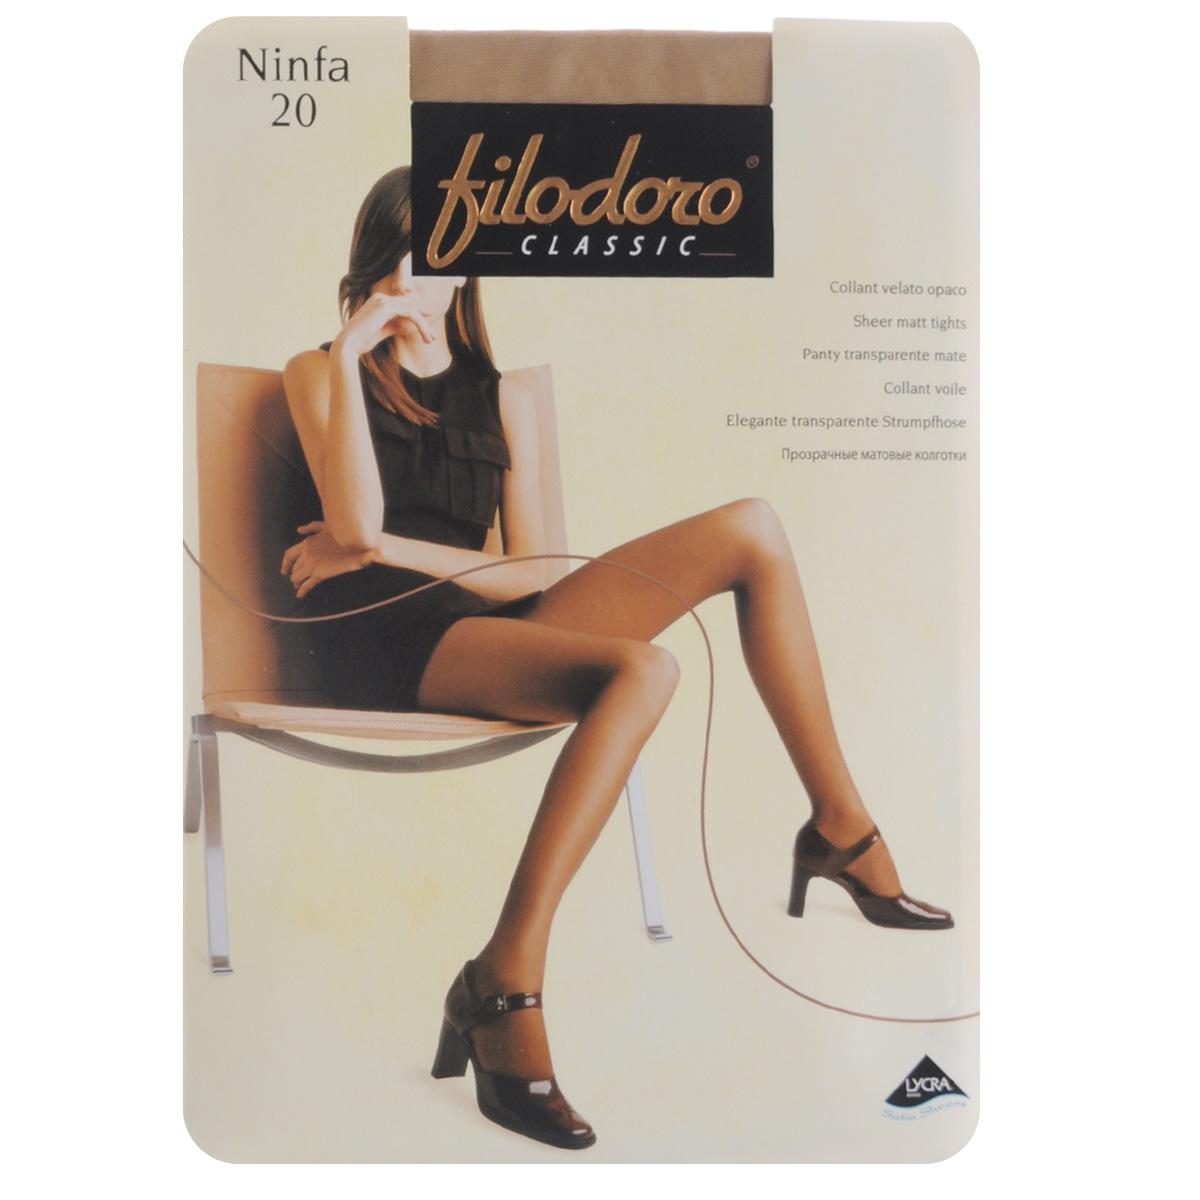 Колготки женские Filodoro Classic Ninfa 20, цвет: Playa (телесный). C109172FC. Размер 5 (Maxi-XL) колготки женские filodoro classic ninfa 20 цвет nero черный c109172fc размер 2 s